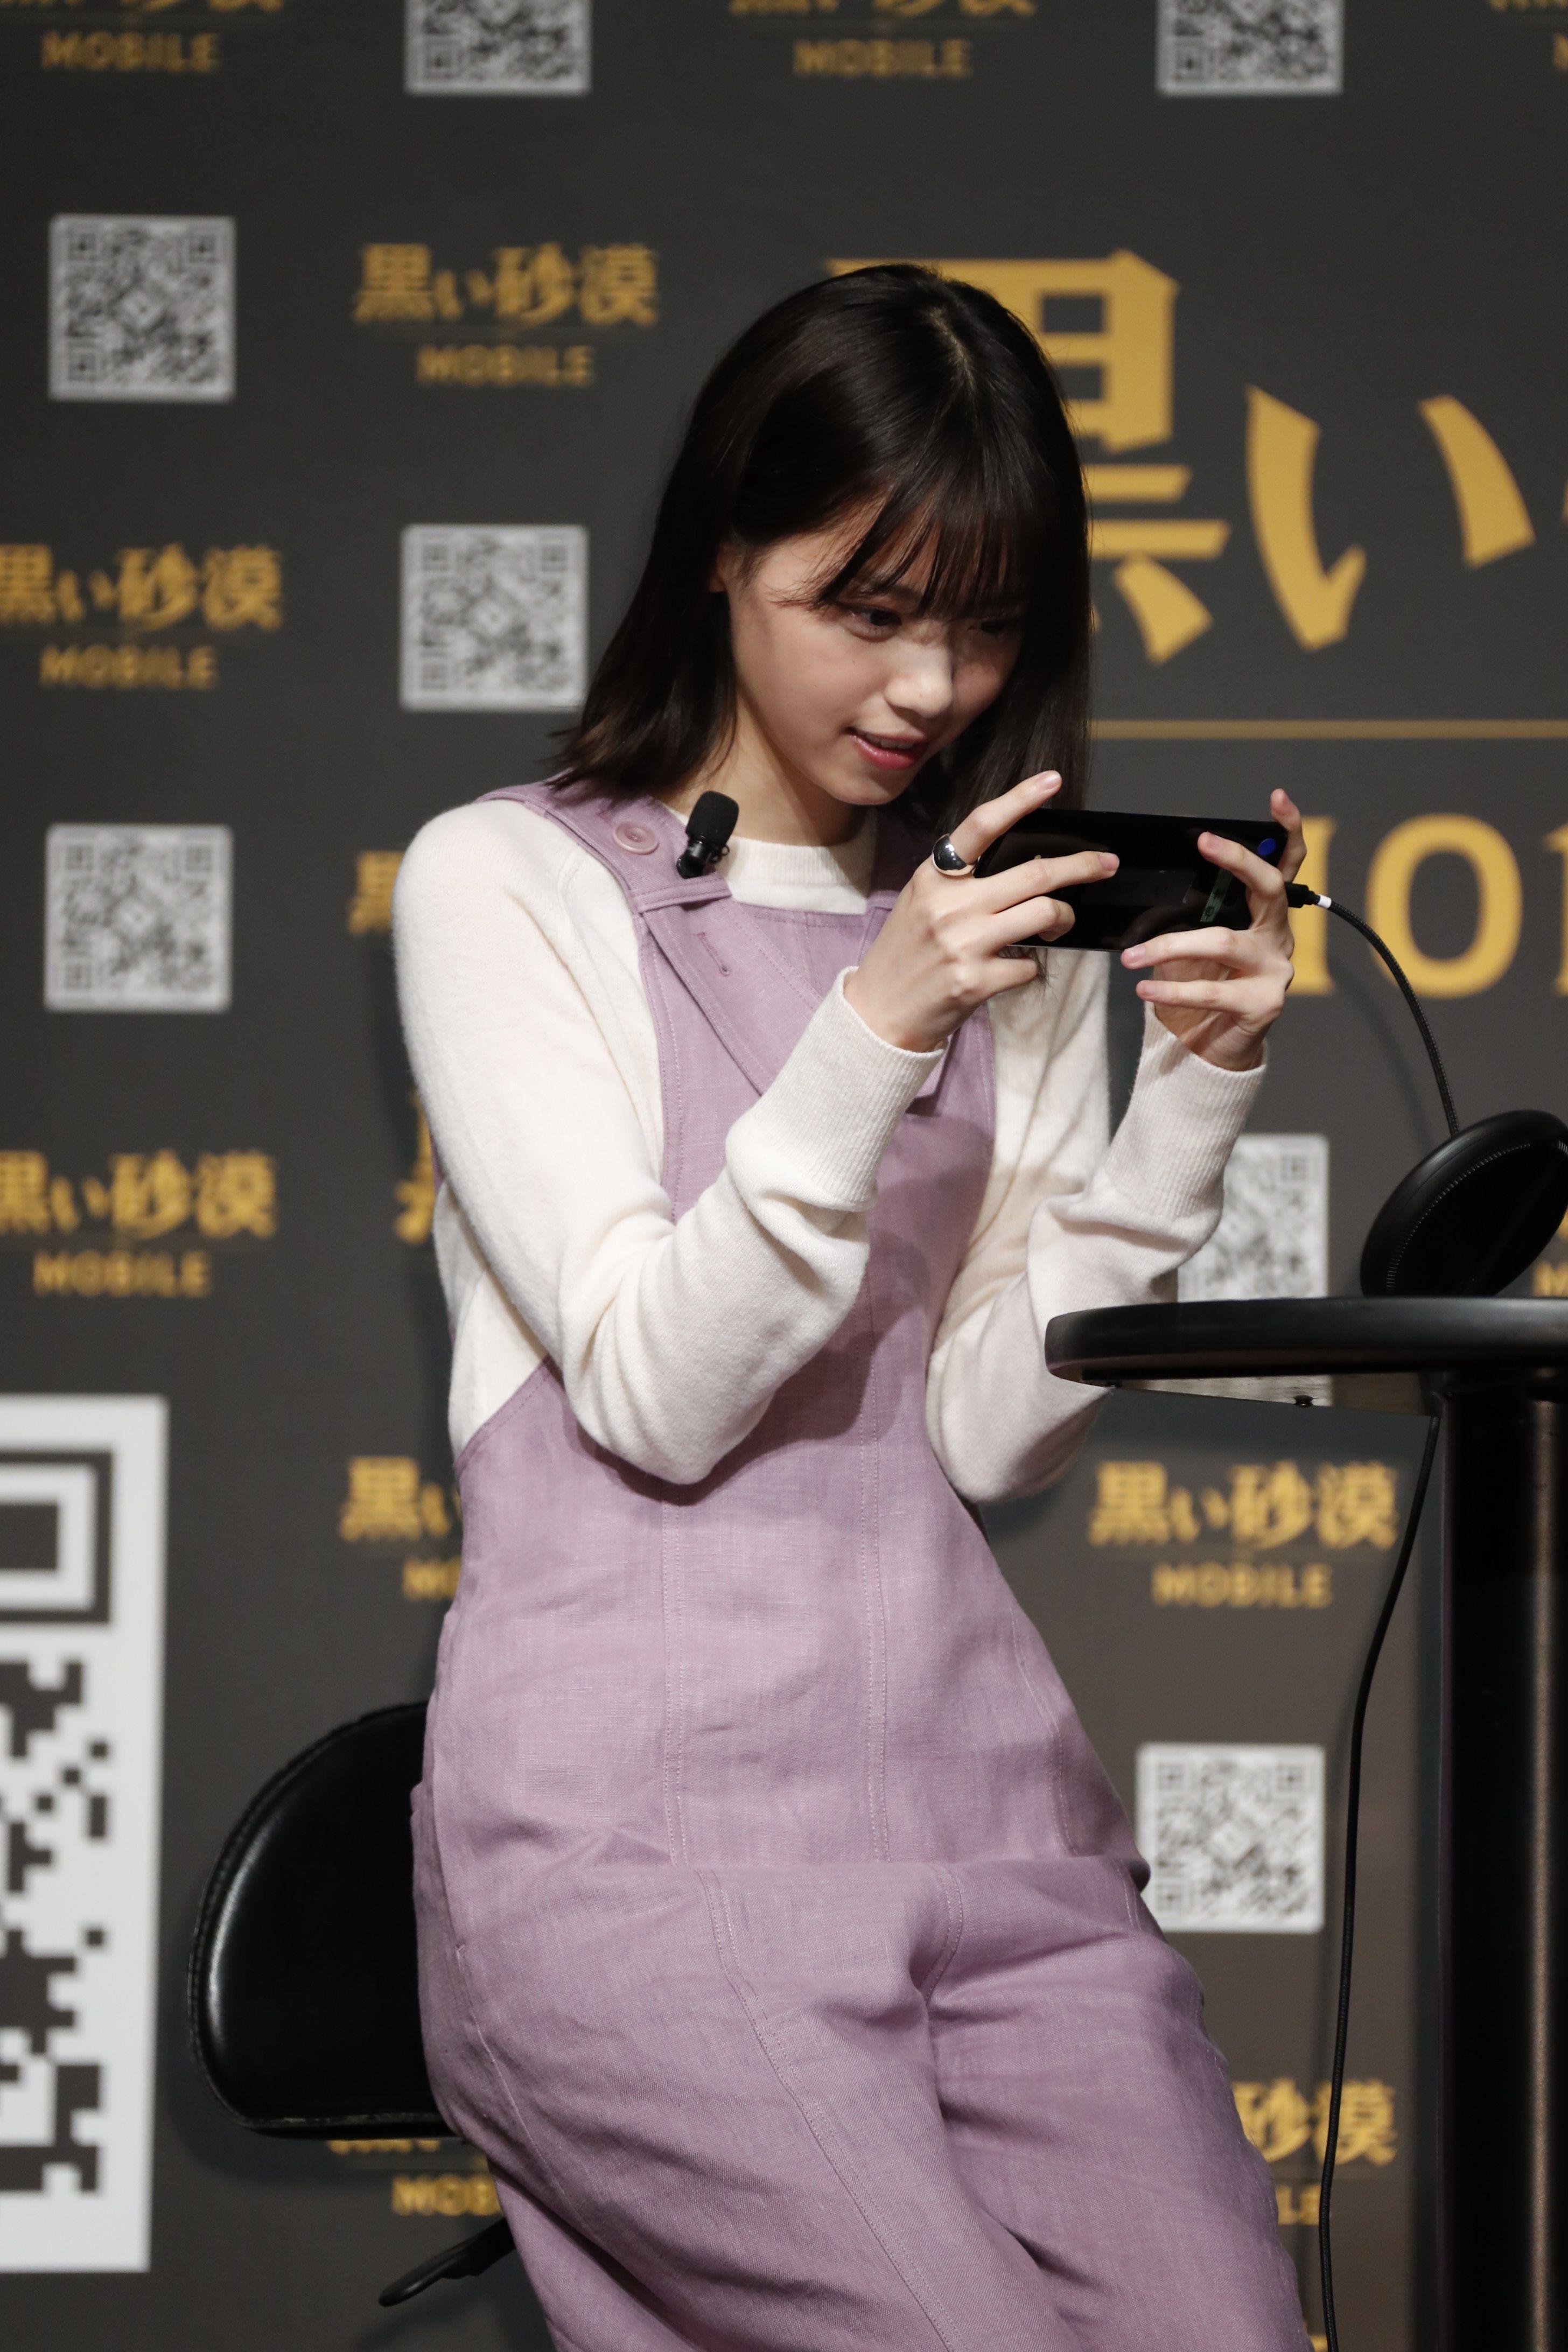 西野七瀬、乃木坂卒業後初イベントで「超大事な存在」明かす【21枚写真あり】の画像004